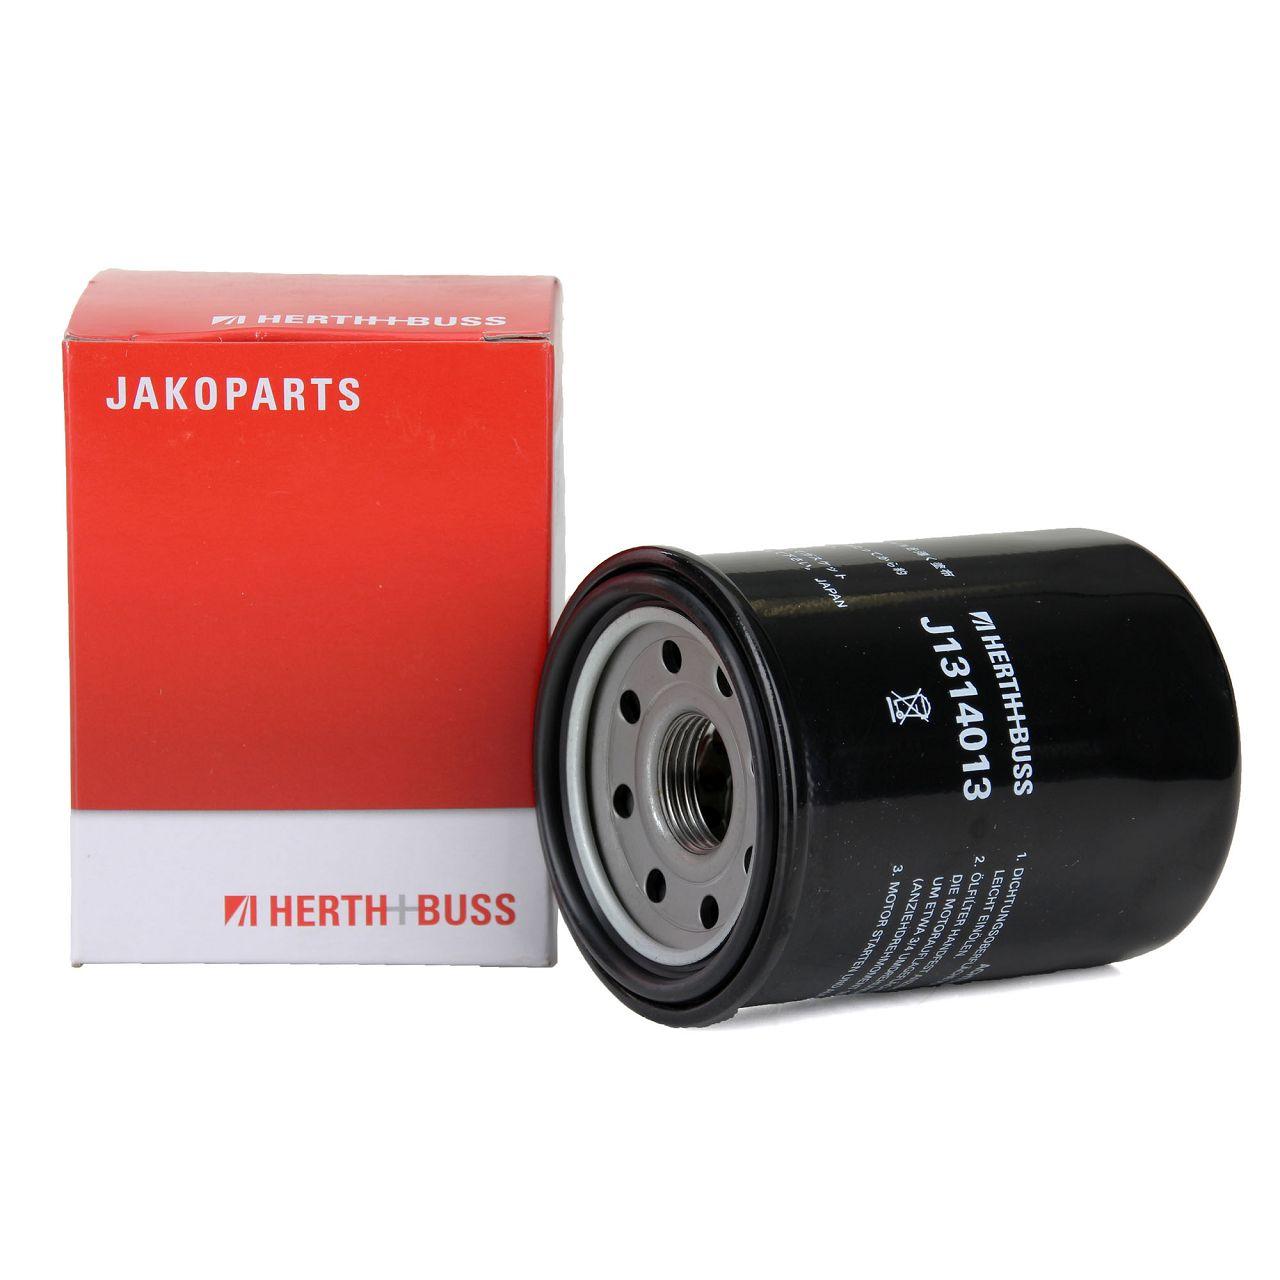 HERTH+BUSS JAKOPARTS Ölfilter Motorölfilter für Honda Accord Capa Civic CR-V FR